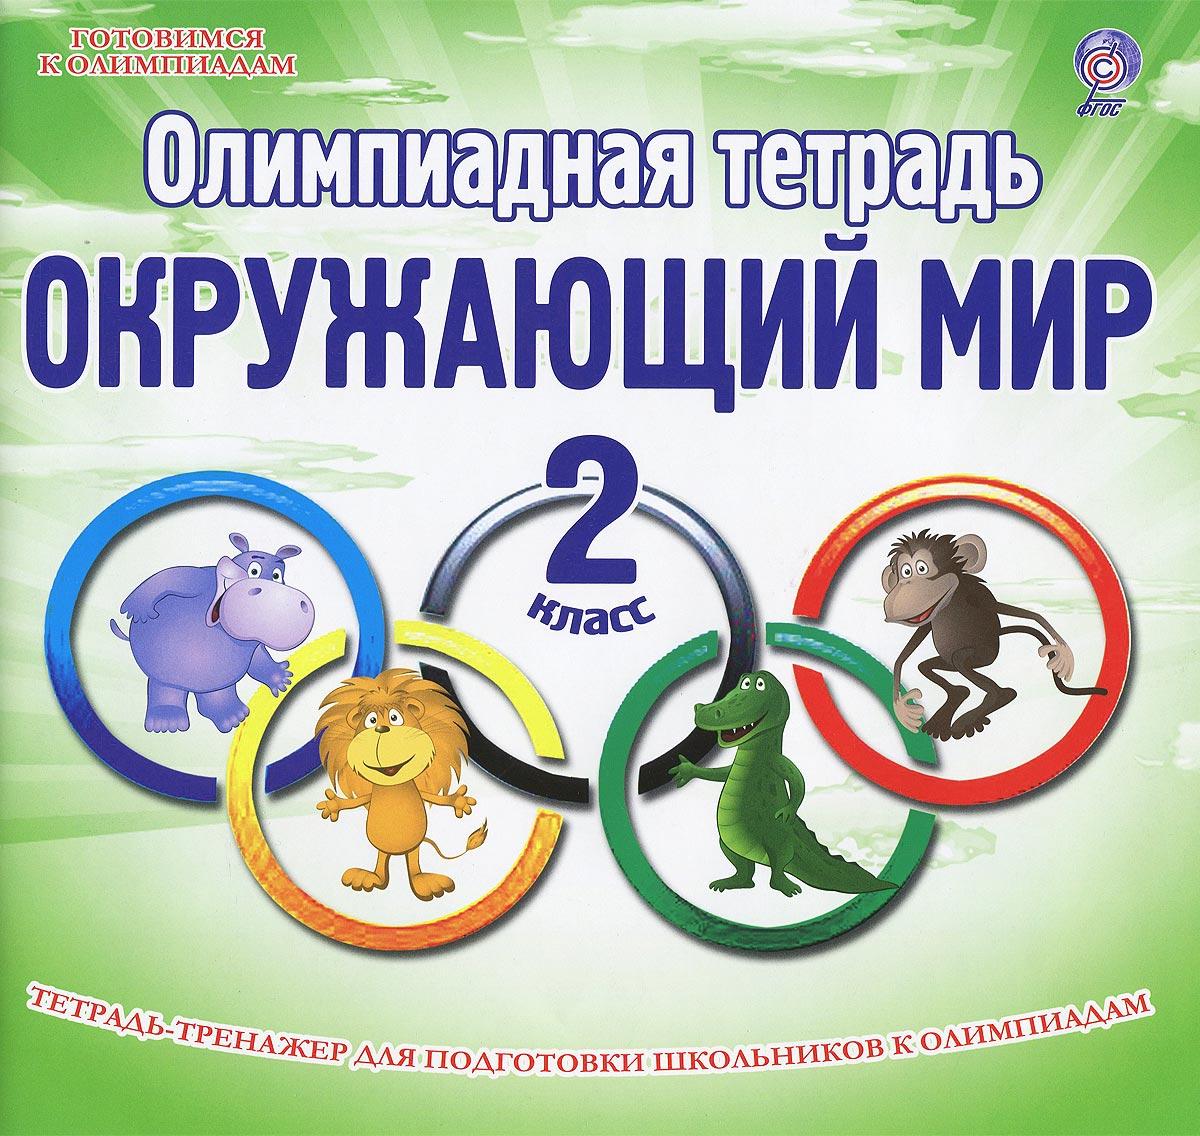 Окружающий мир. 2 класс. Олимпиадная тетрадь